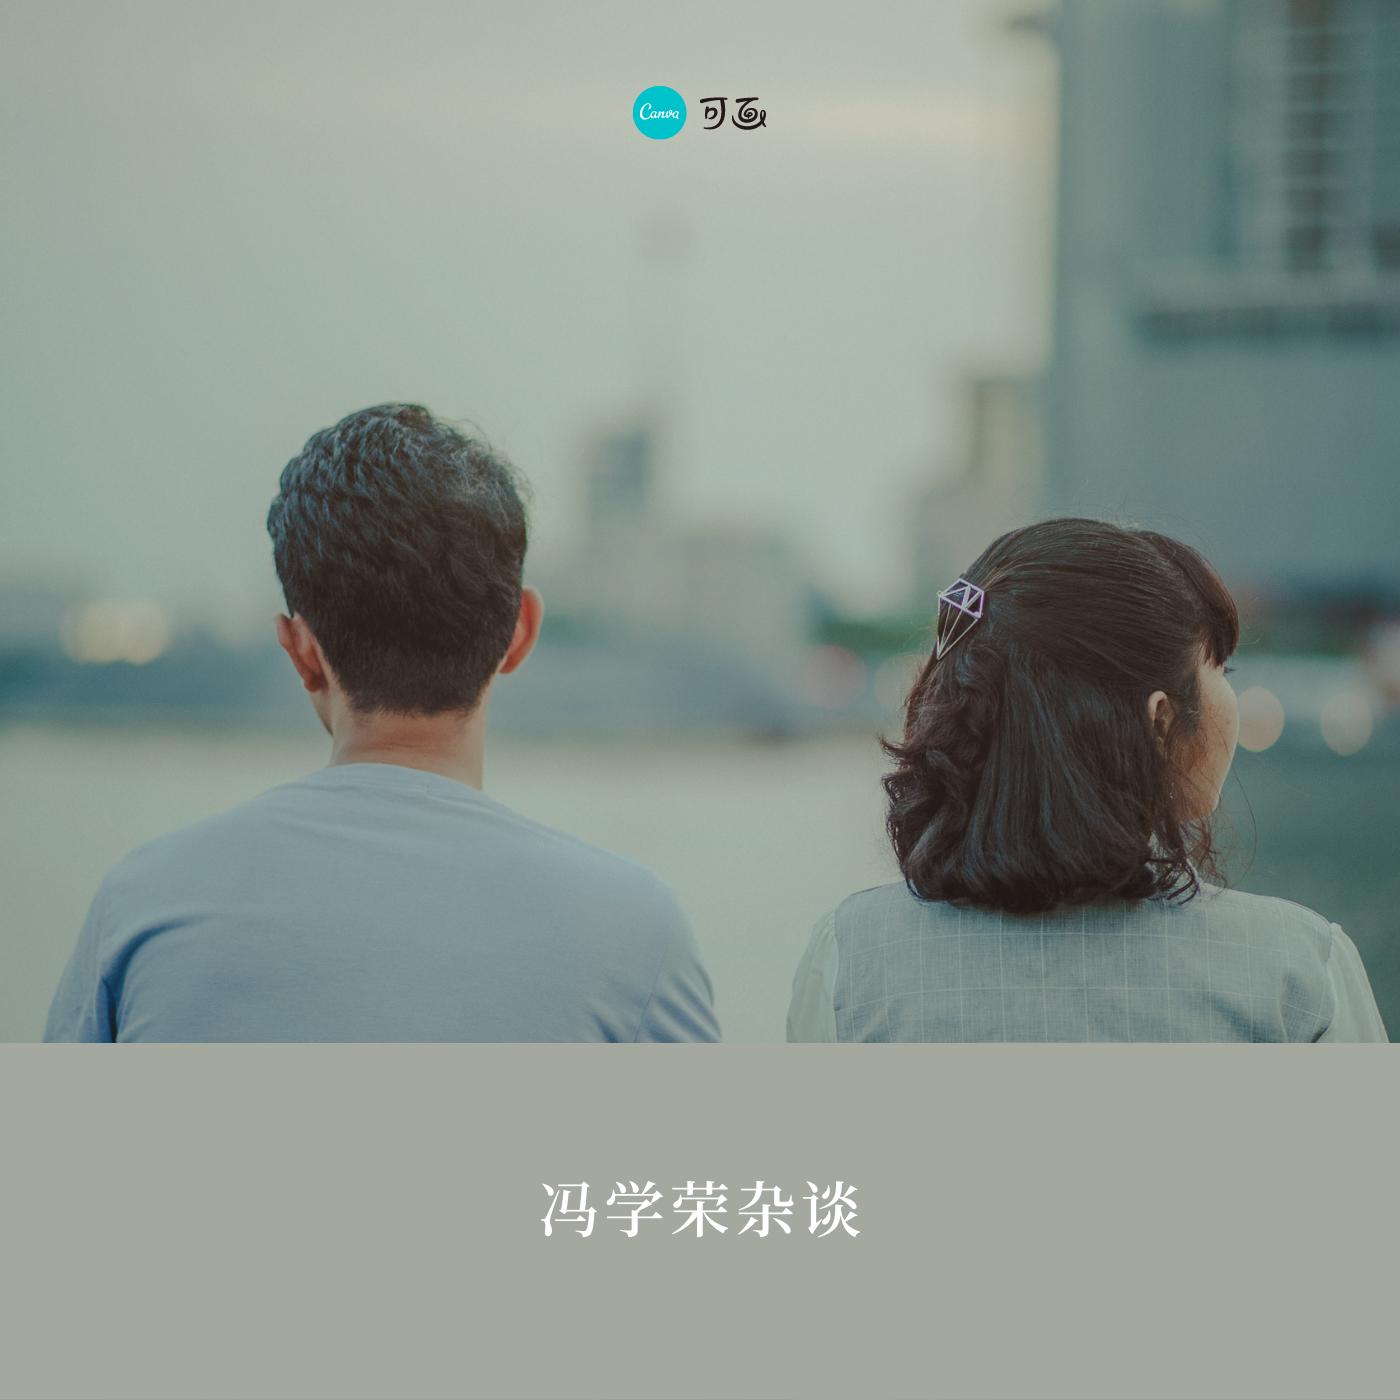 冯学荣杂谈